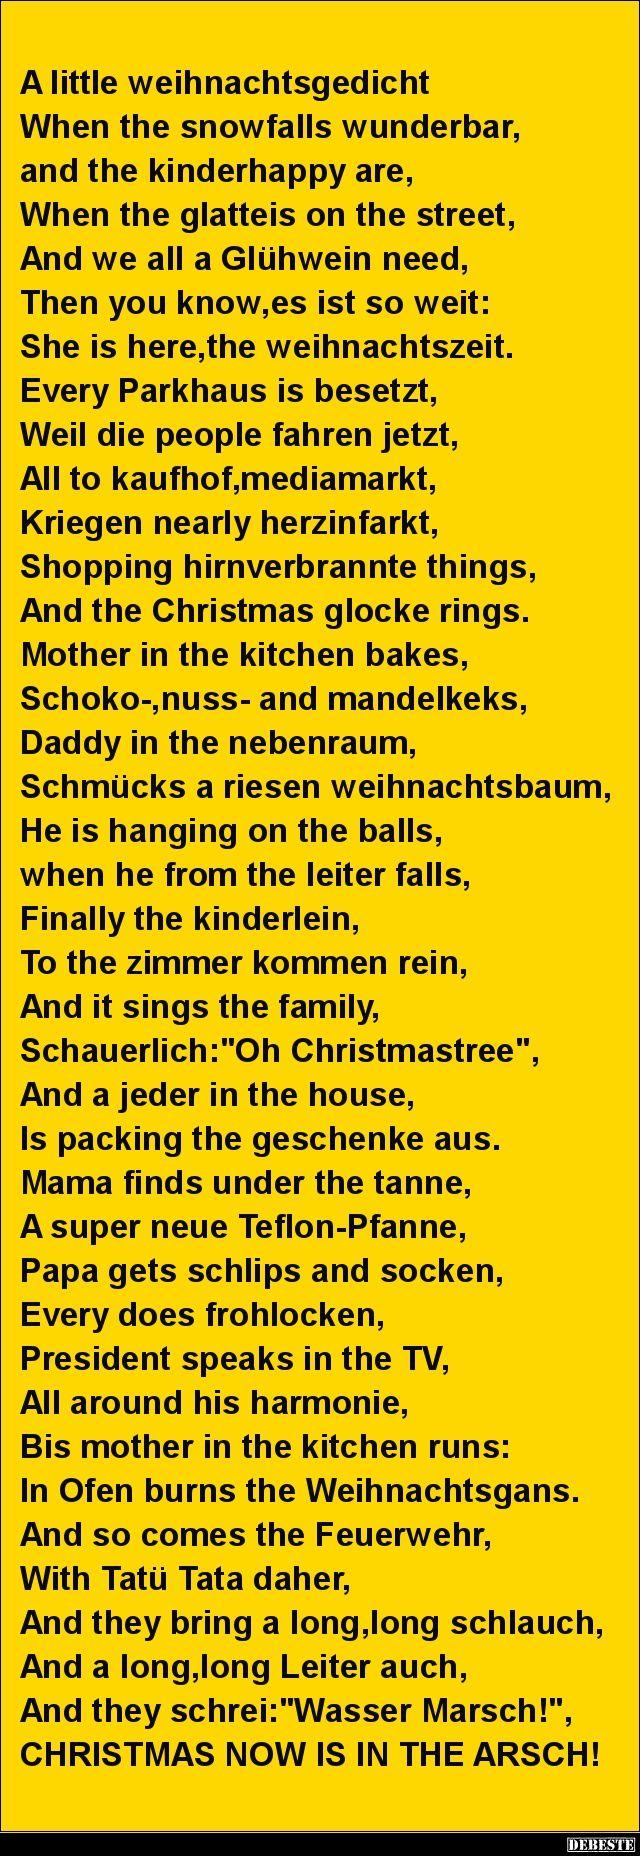 A little weihnachtsgedicht.. | Lustige Bilder, Sprüche, Witze, echt lustig #nikolausspruchlustig